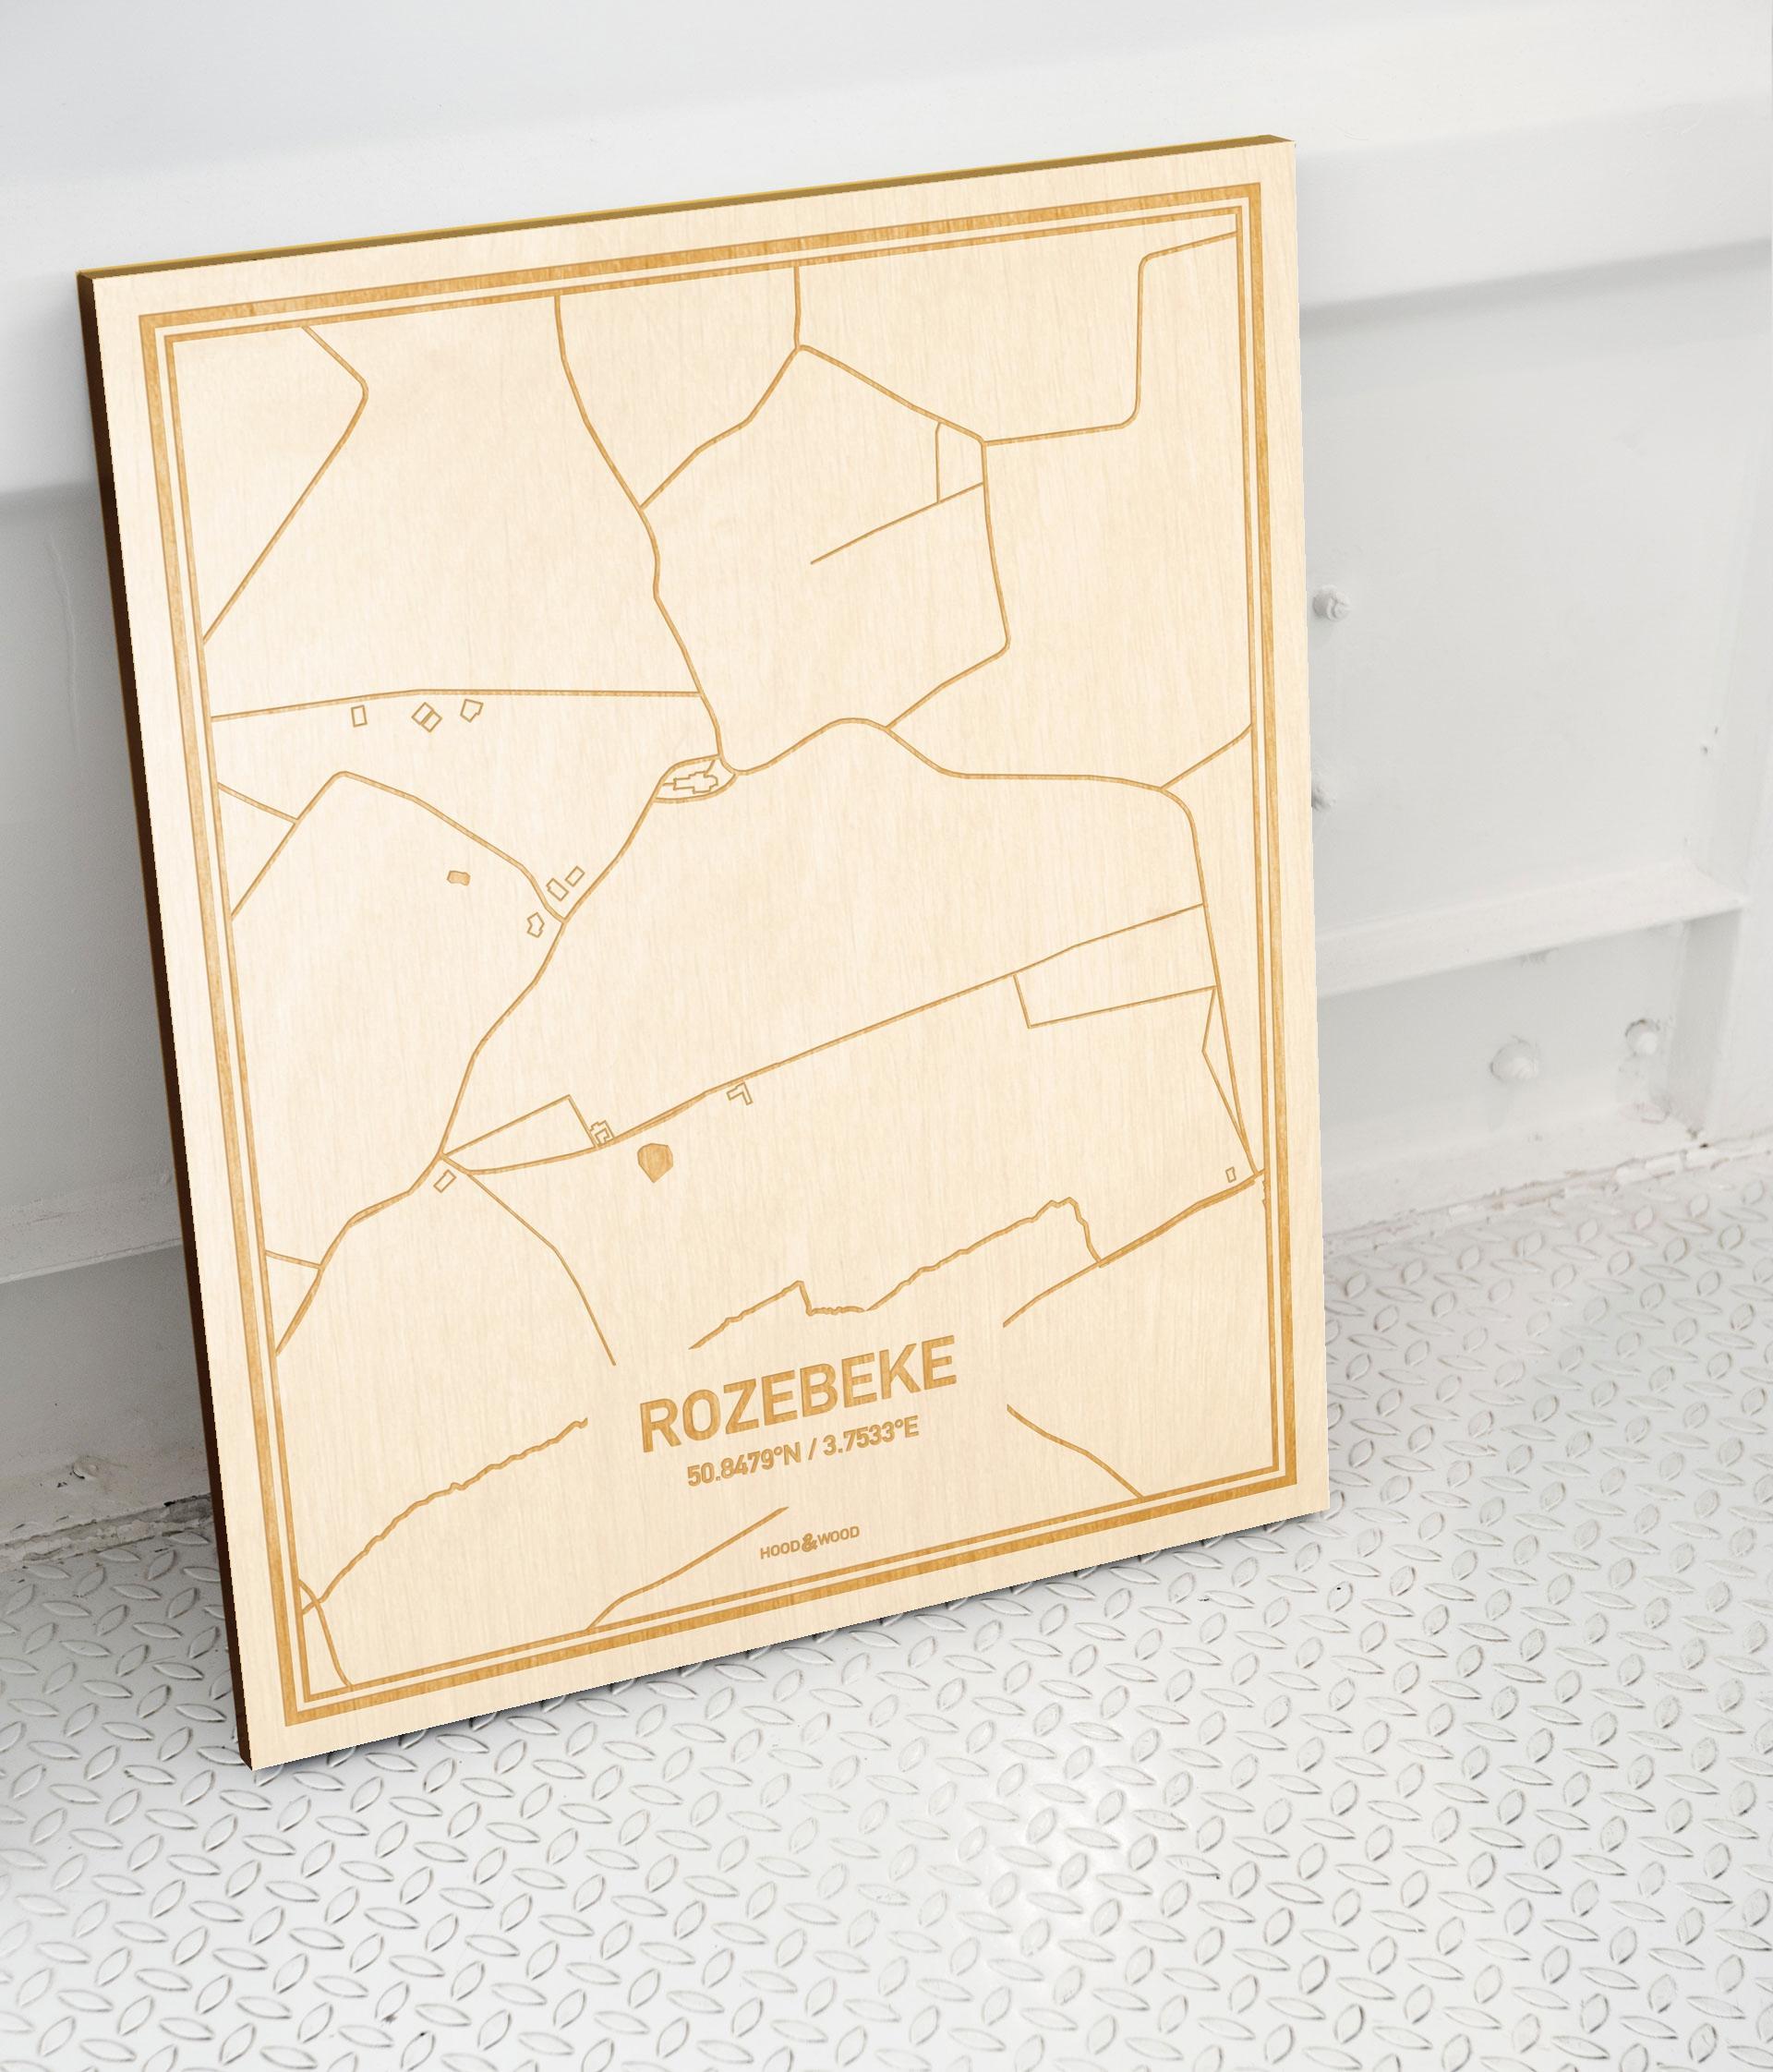 Plattegrond Rozebeke als prachtige houten wanddecoratie. Het warme hout contrasteert mooi met de witte muur.